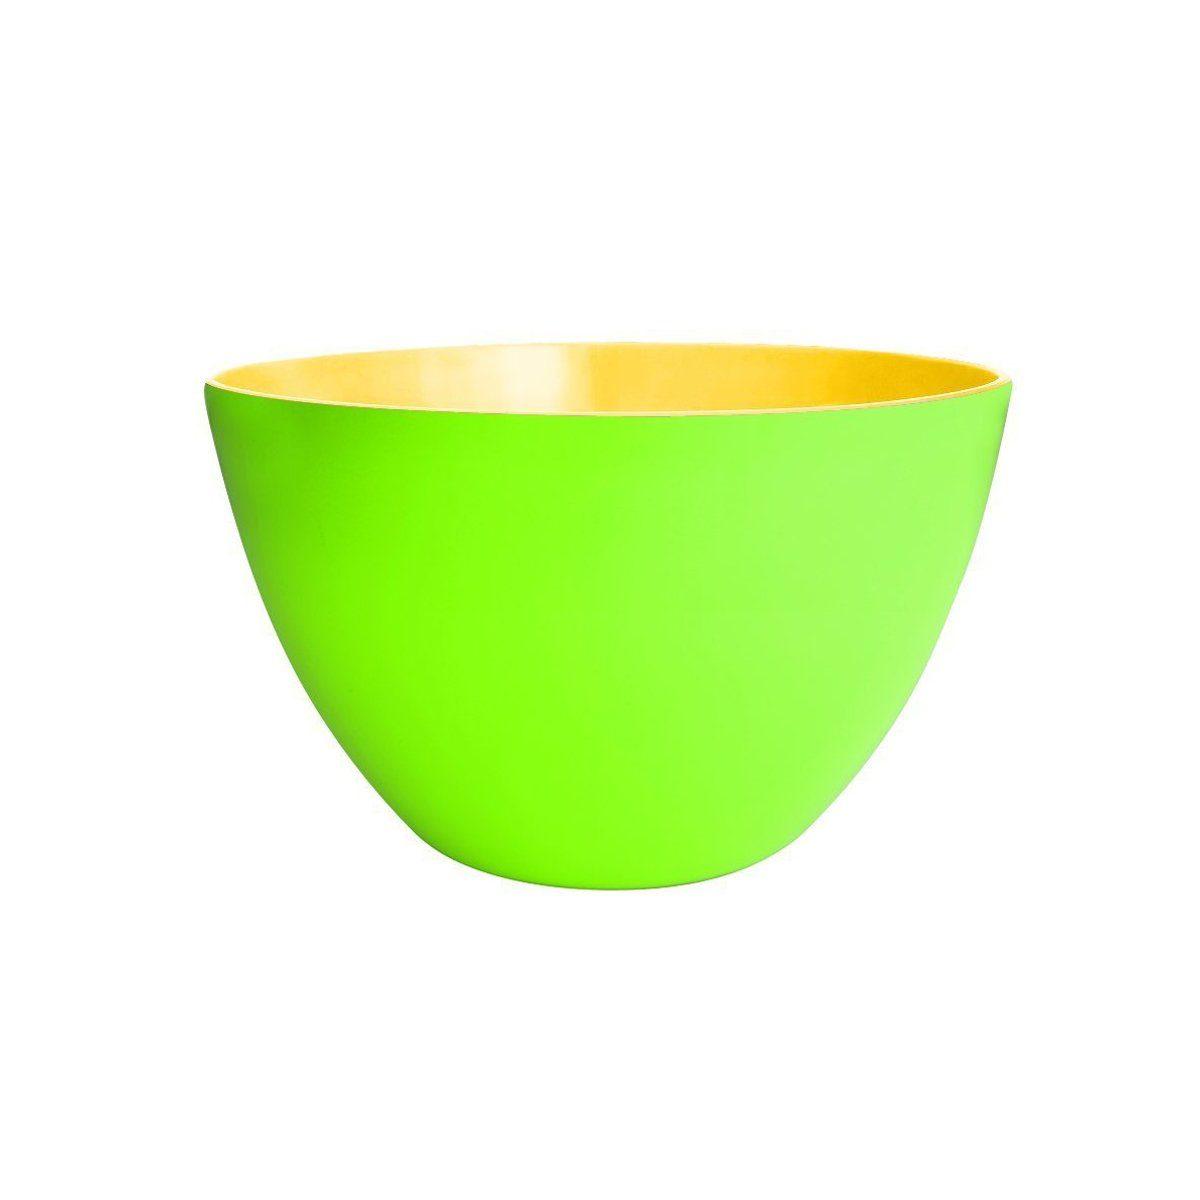 ZAK designs Zak designs Schüssel DUO 28 cm grün-gelb